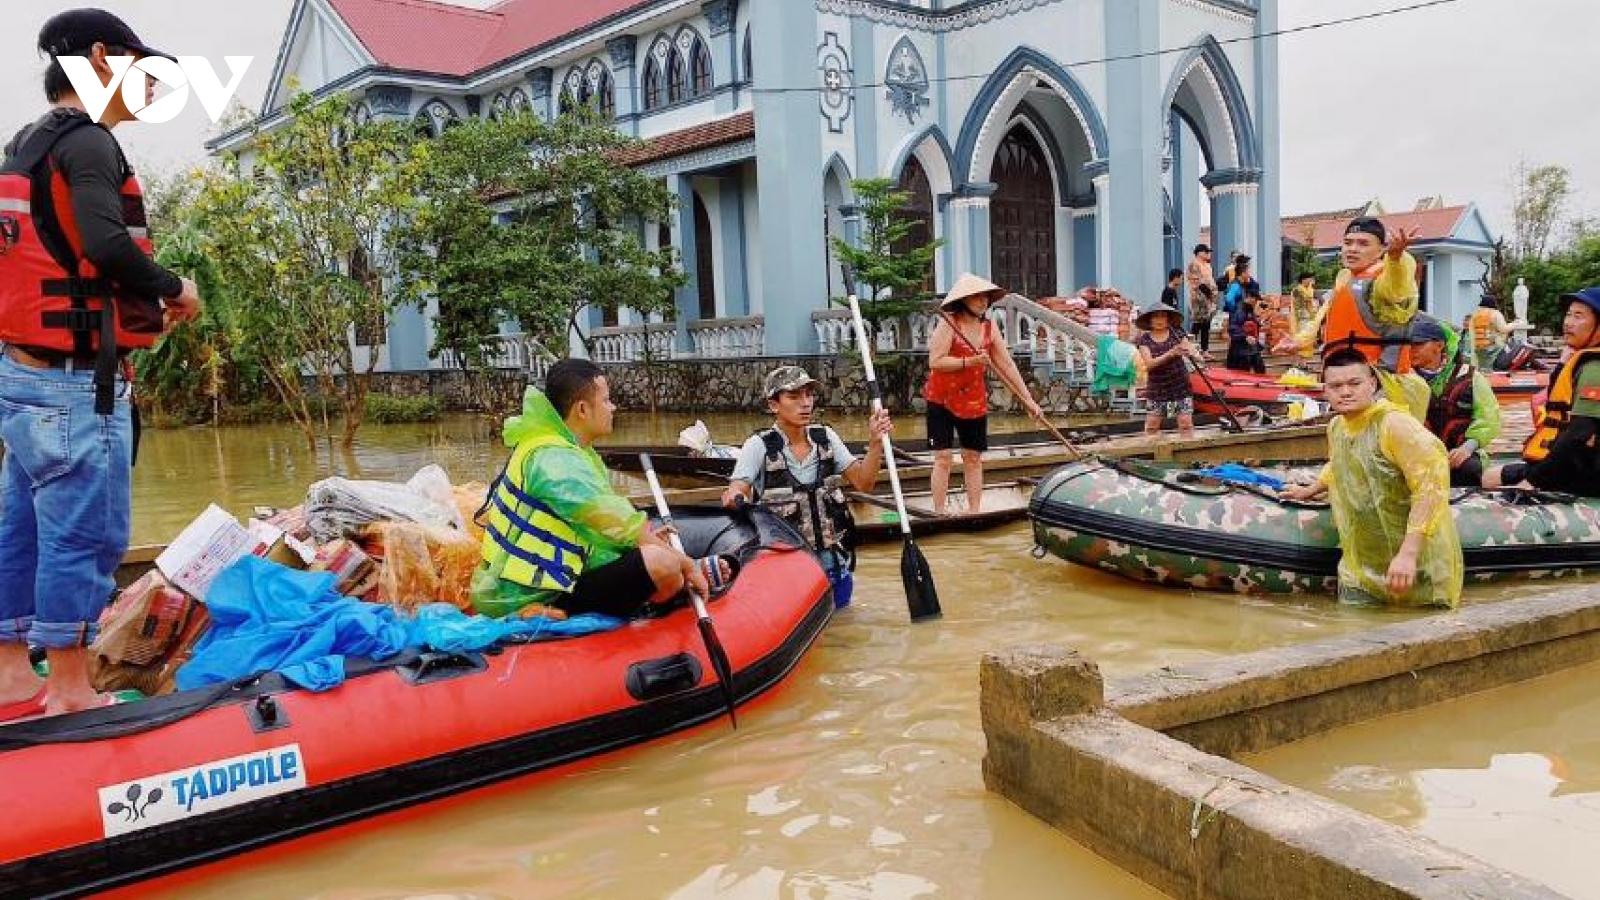 Hội chơi thuyền hơi cả nước đồng loạt tiến vào vùng lũ hỗ trợ người dân